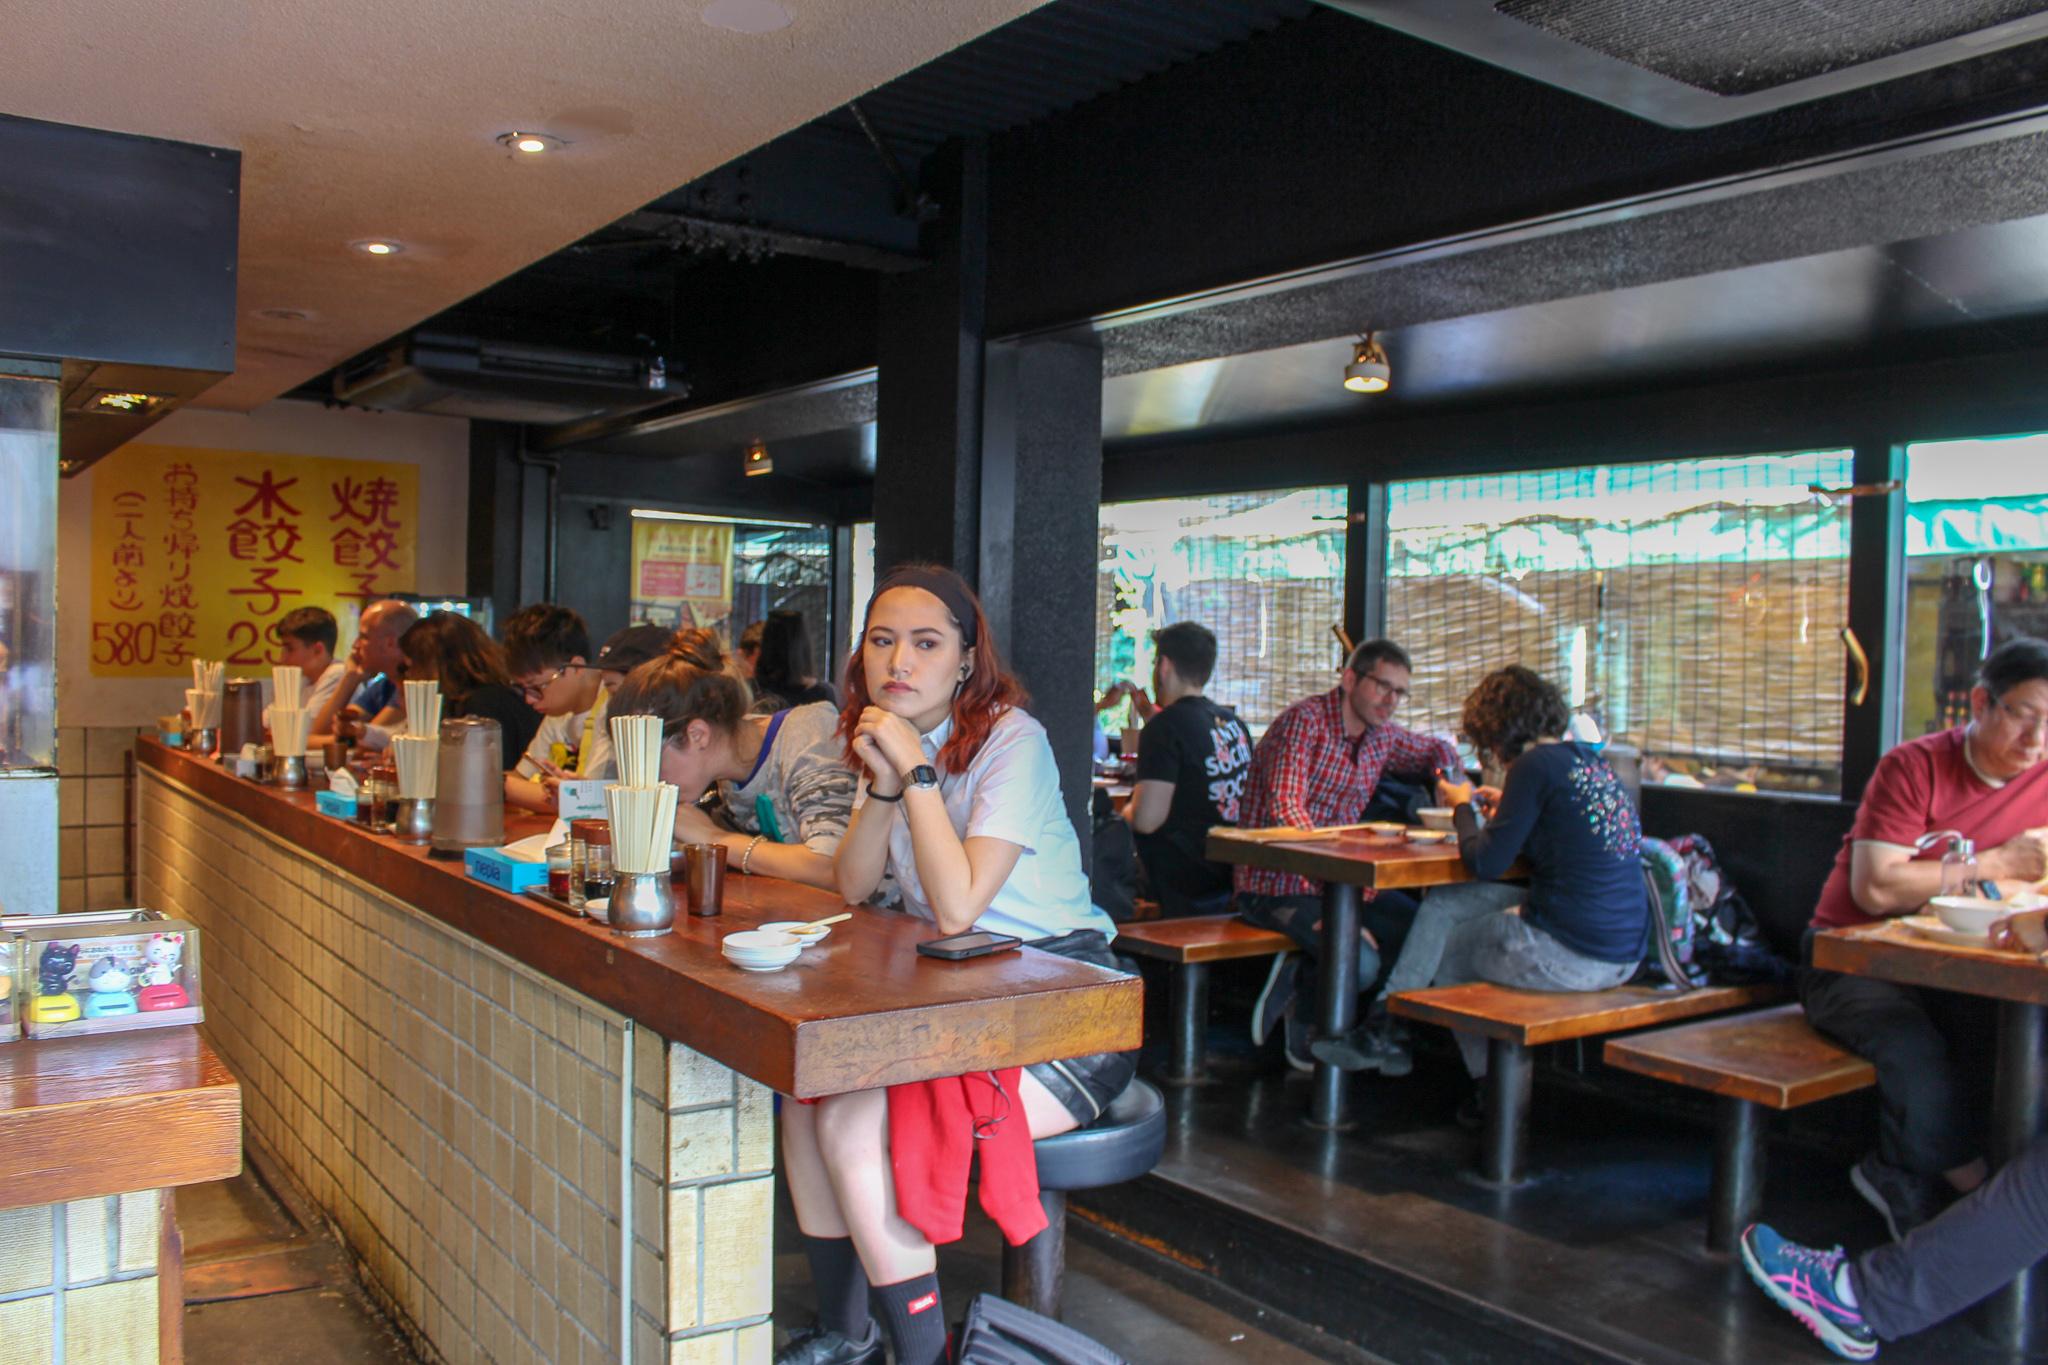 harajyuku_gyozaro_interior_restaurante